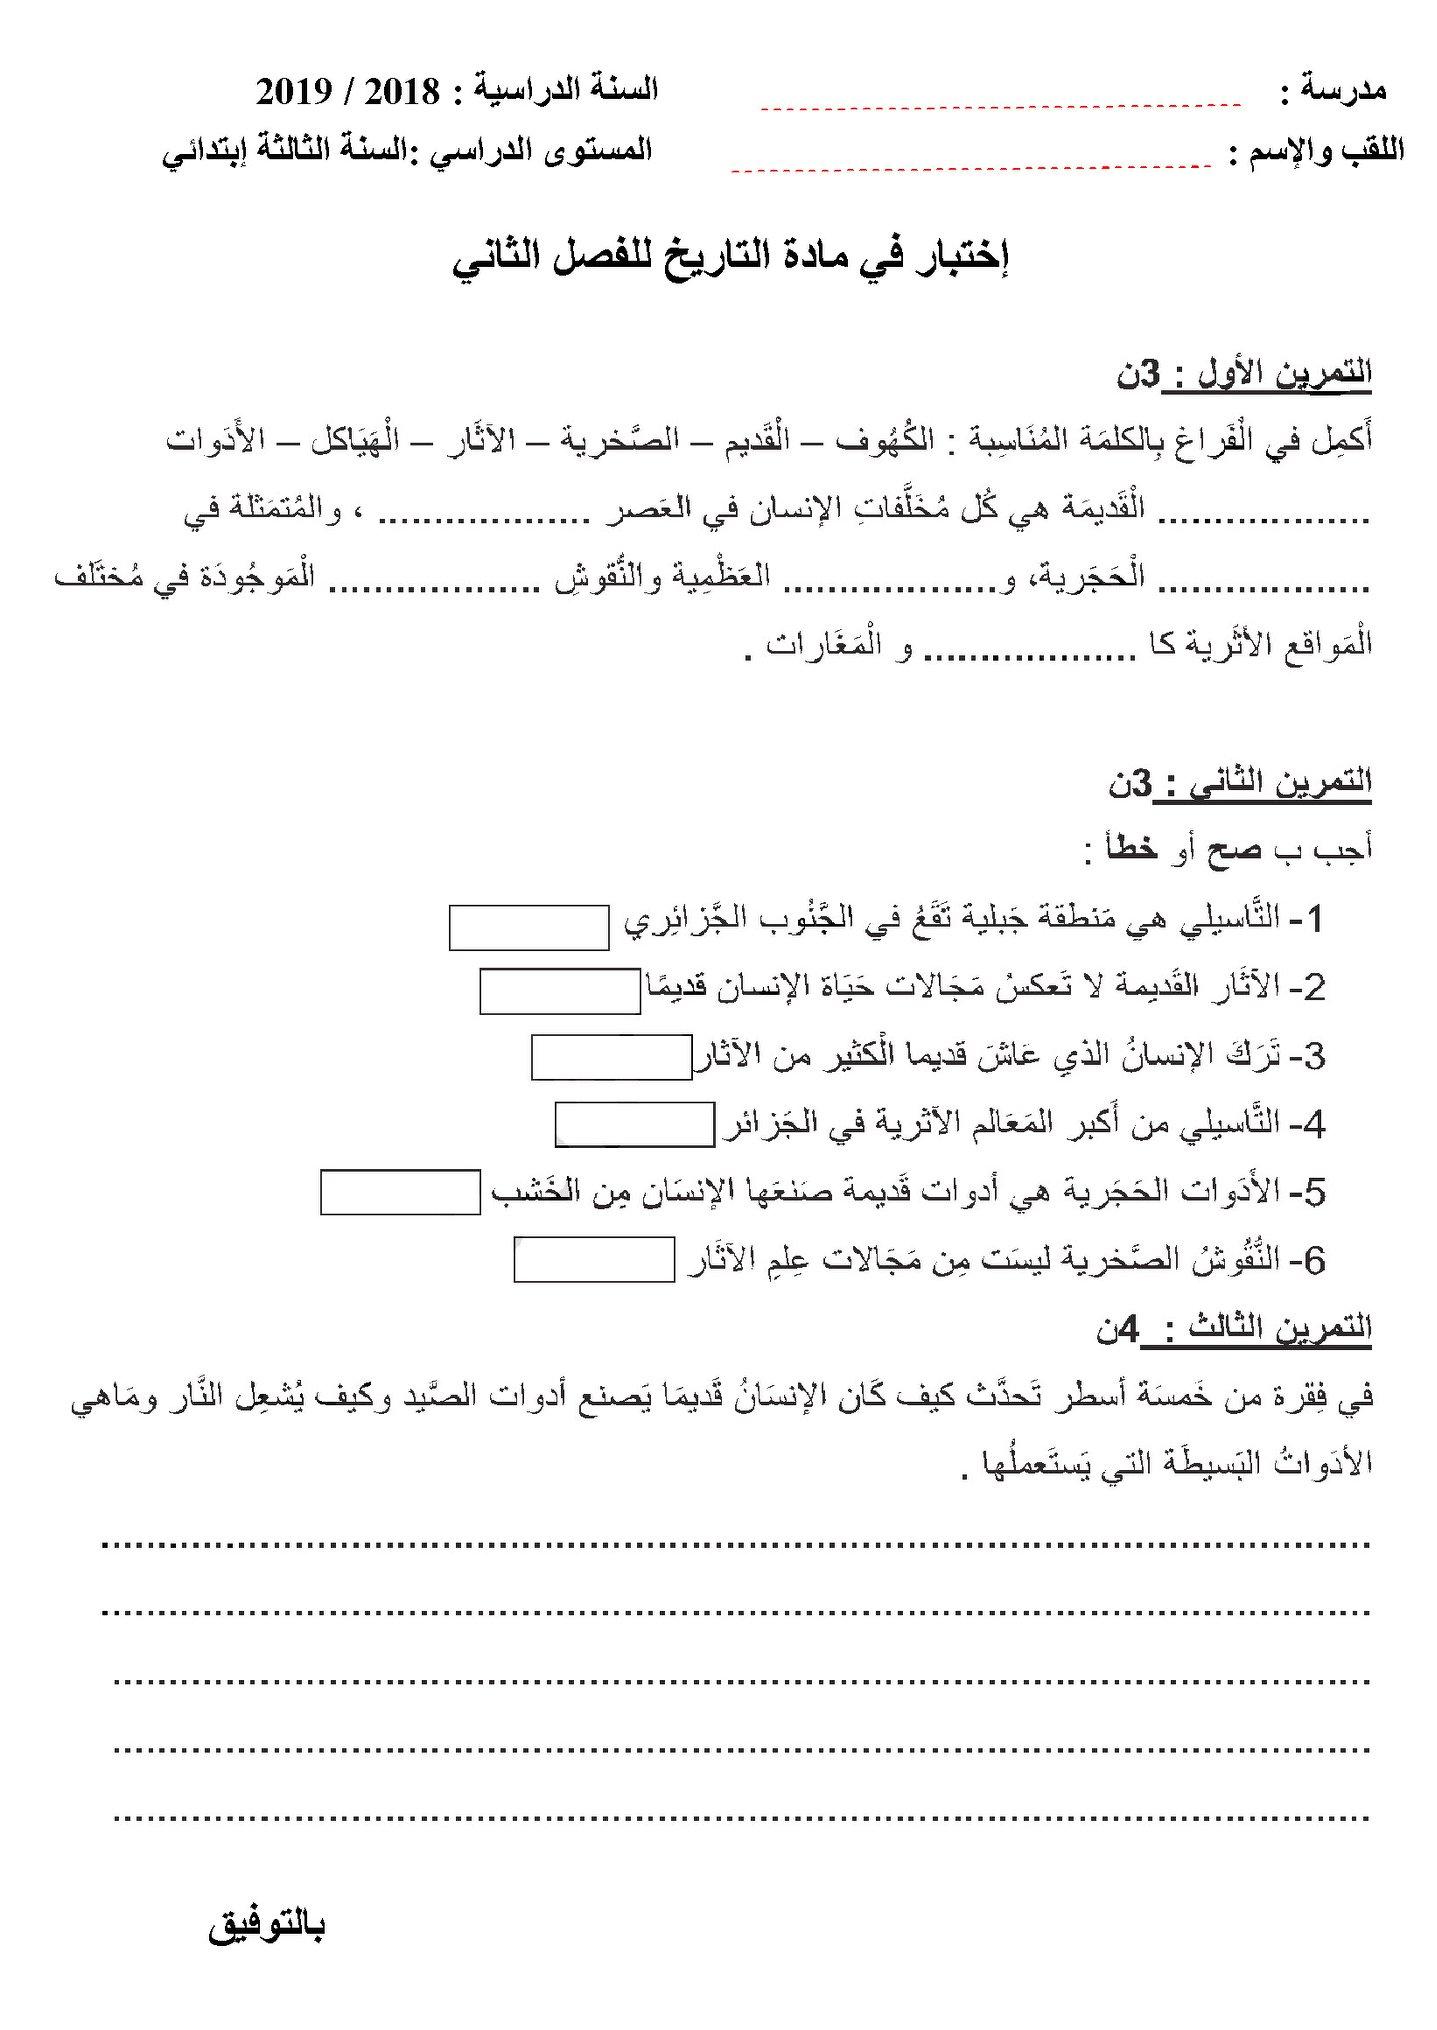 اختبار الفصل الثاني في مادة التاريخ | السنة الثالثة ابتدائي | الموضوع 04